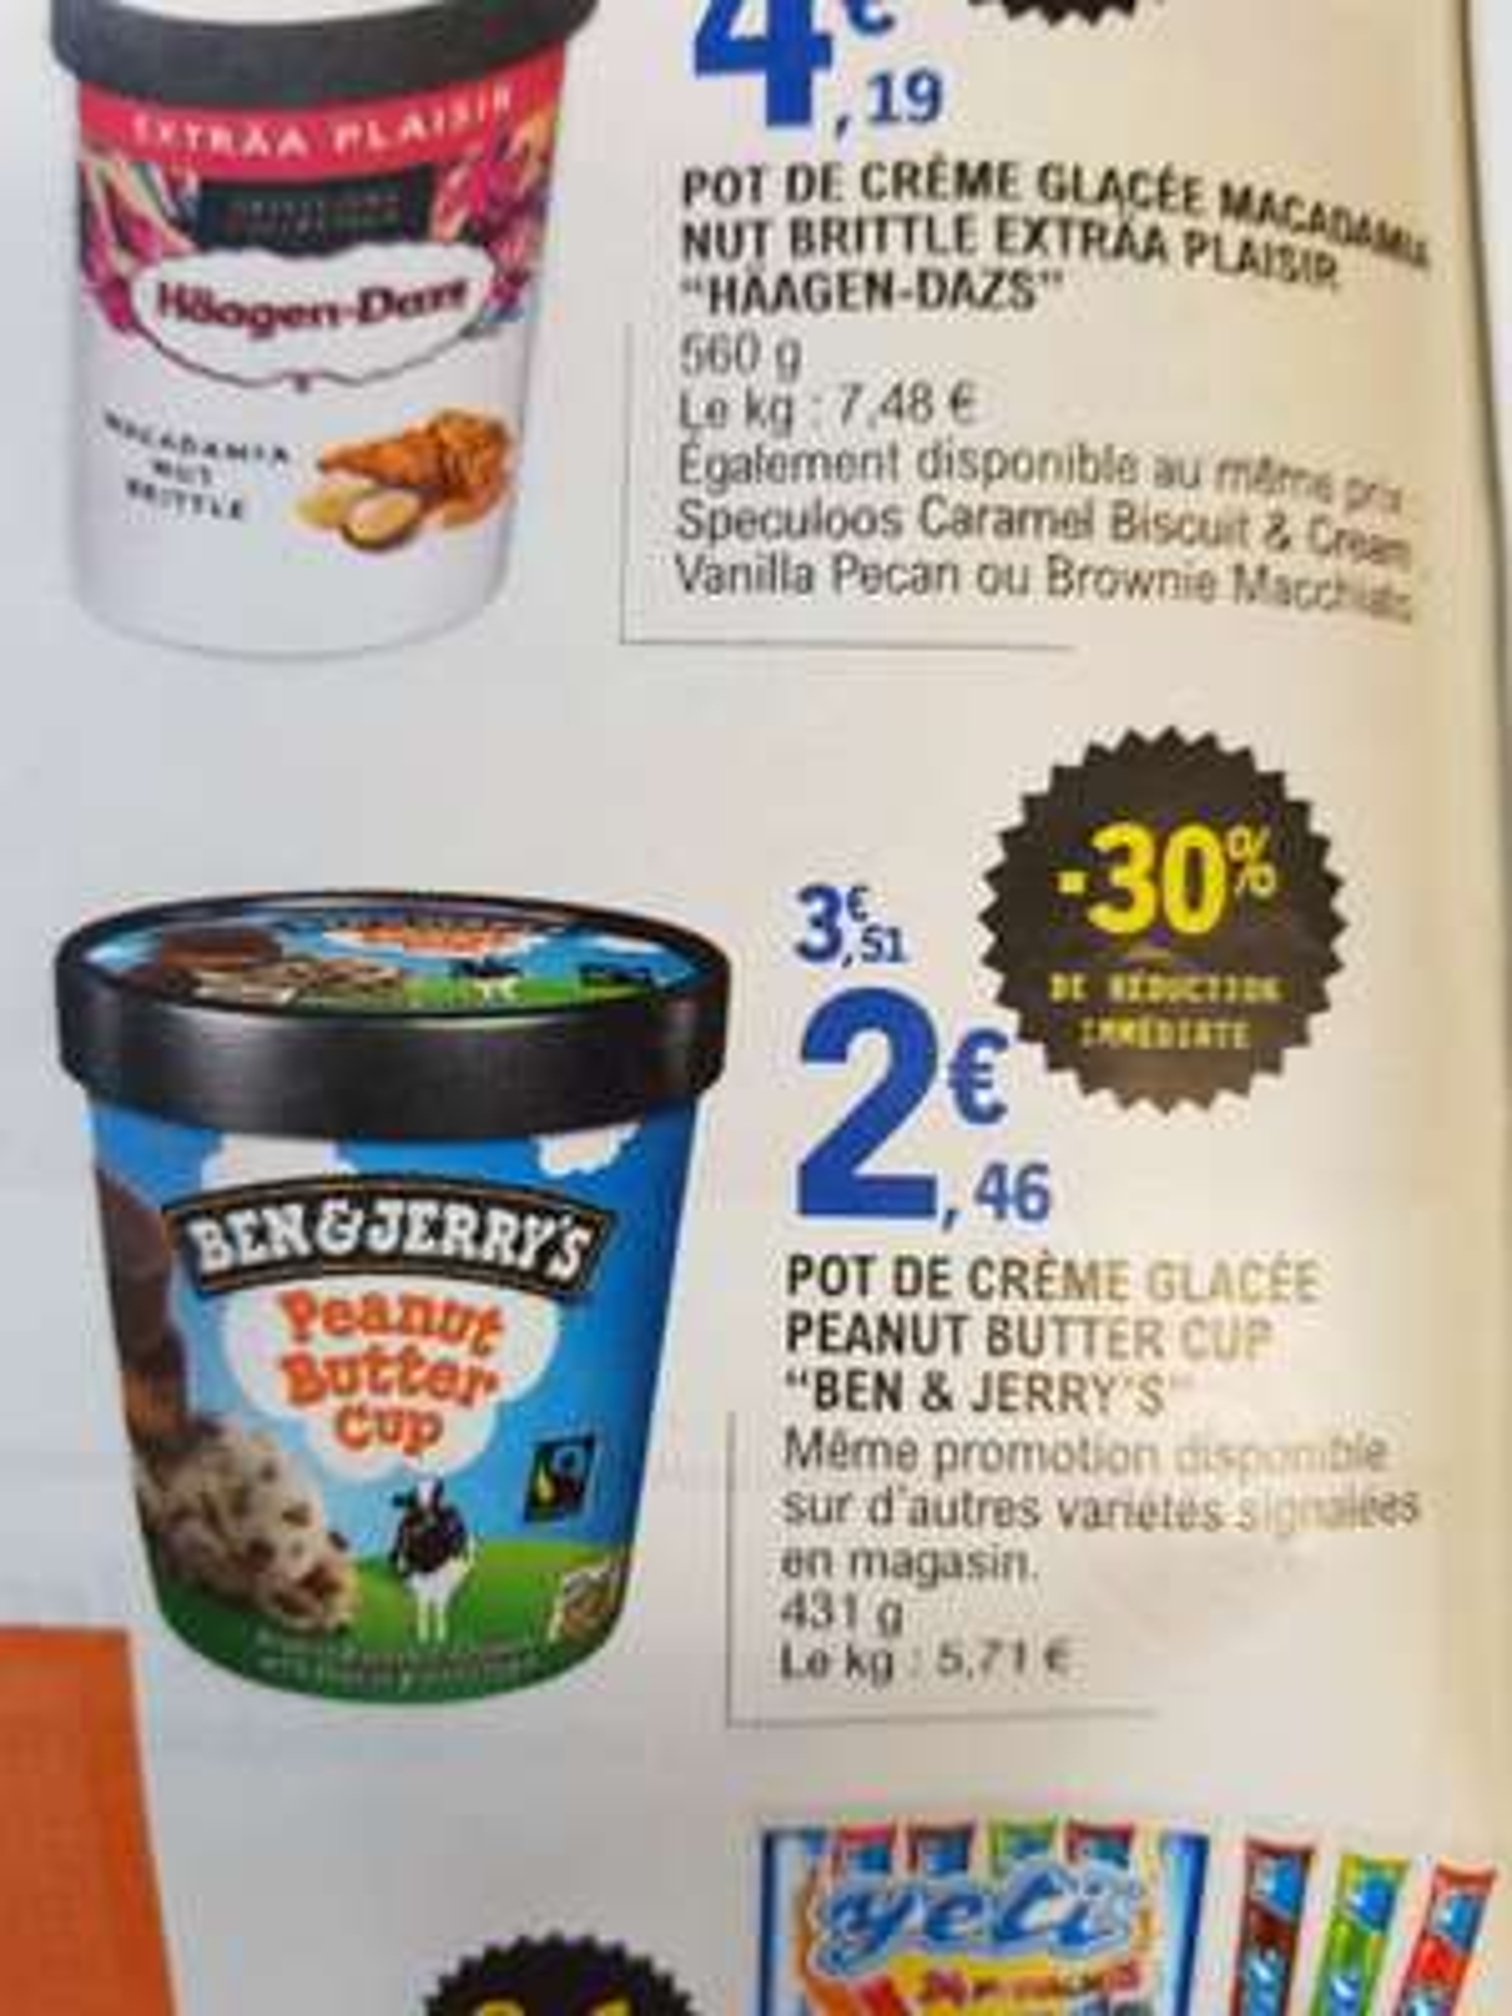 4e6df55fbab68 Pot de crème Ben and Jerry s Peanut Butter (Différentes variétés) - 431gr